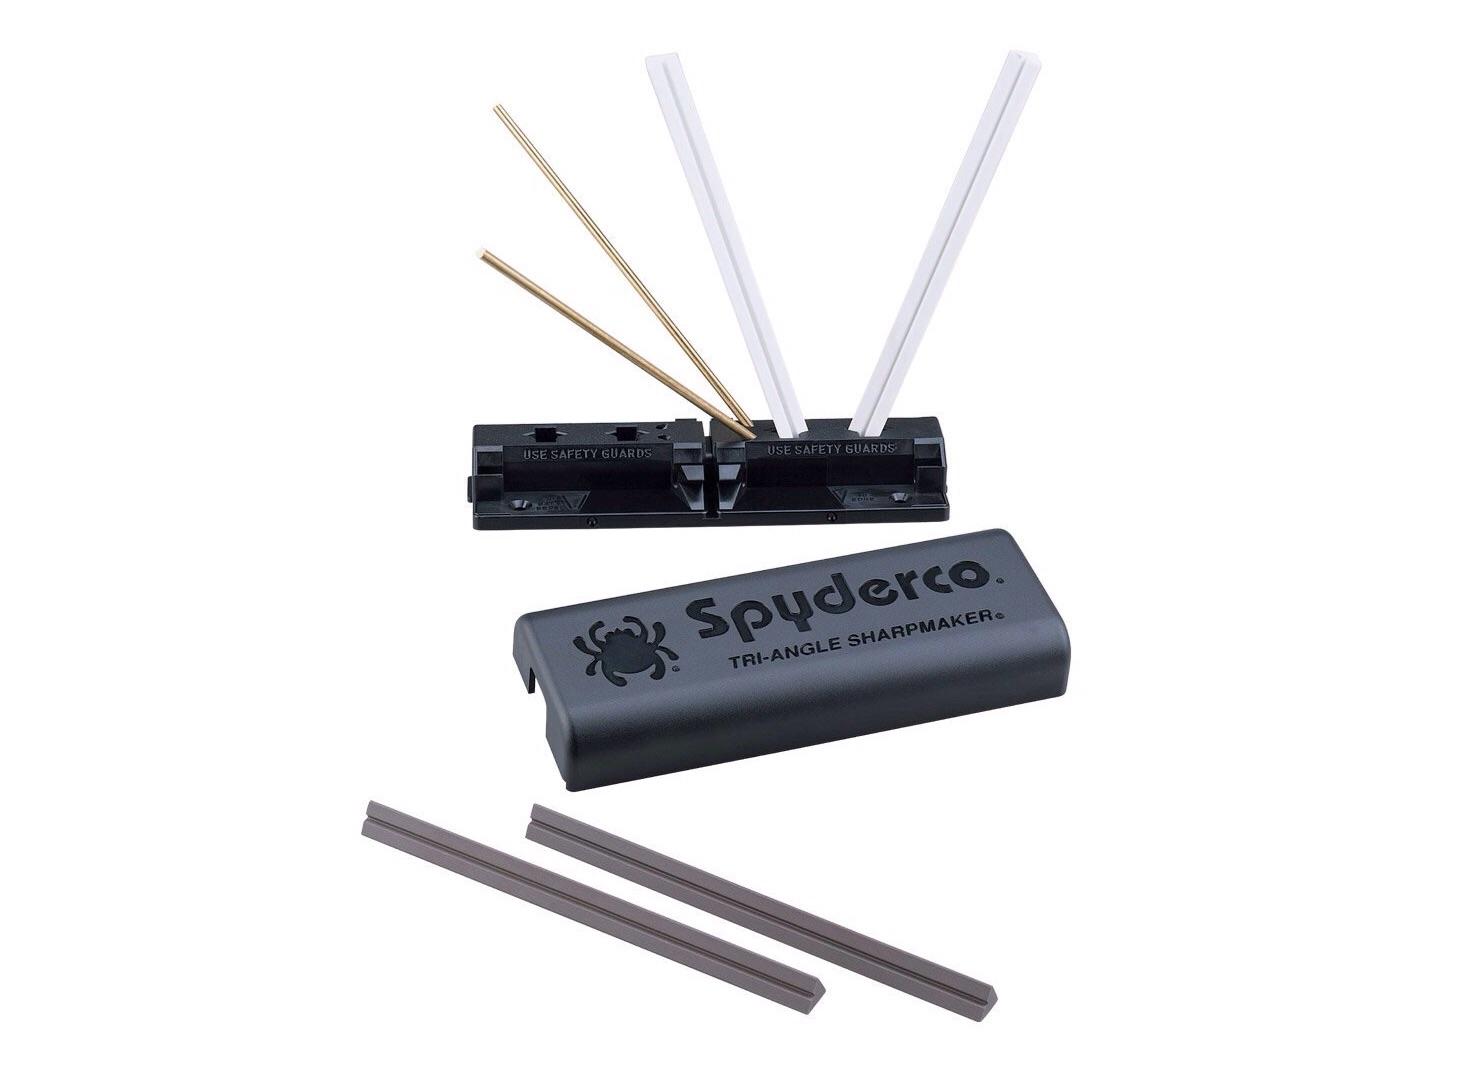 spyderco-tri-angle-sharpmaker-204mf-knife-sharpener